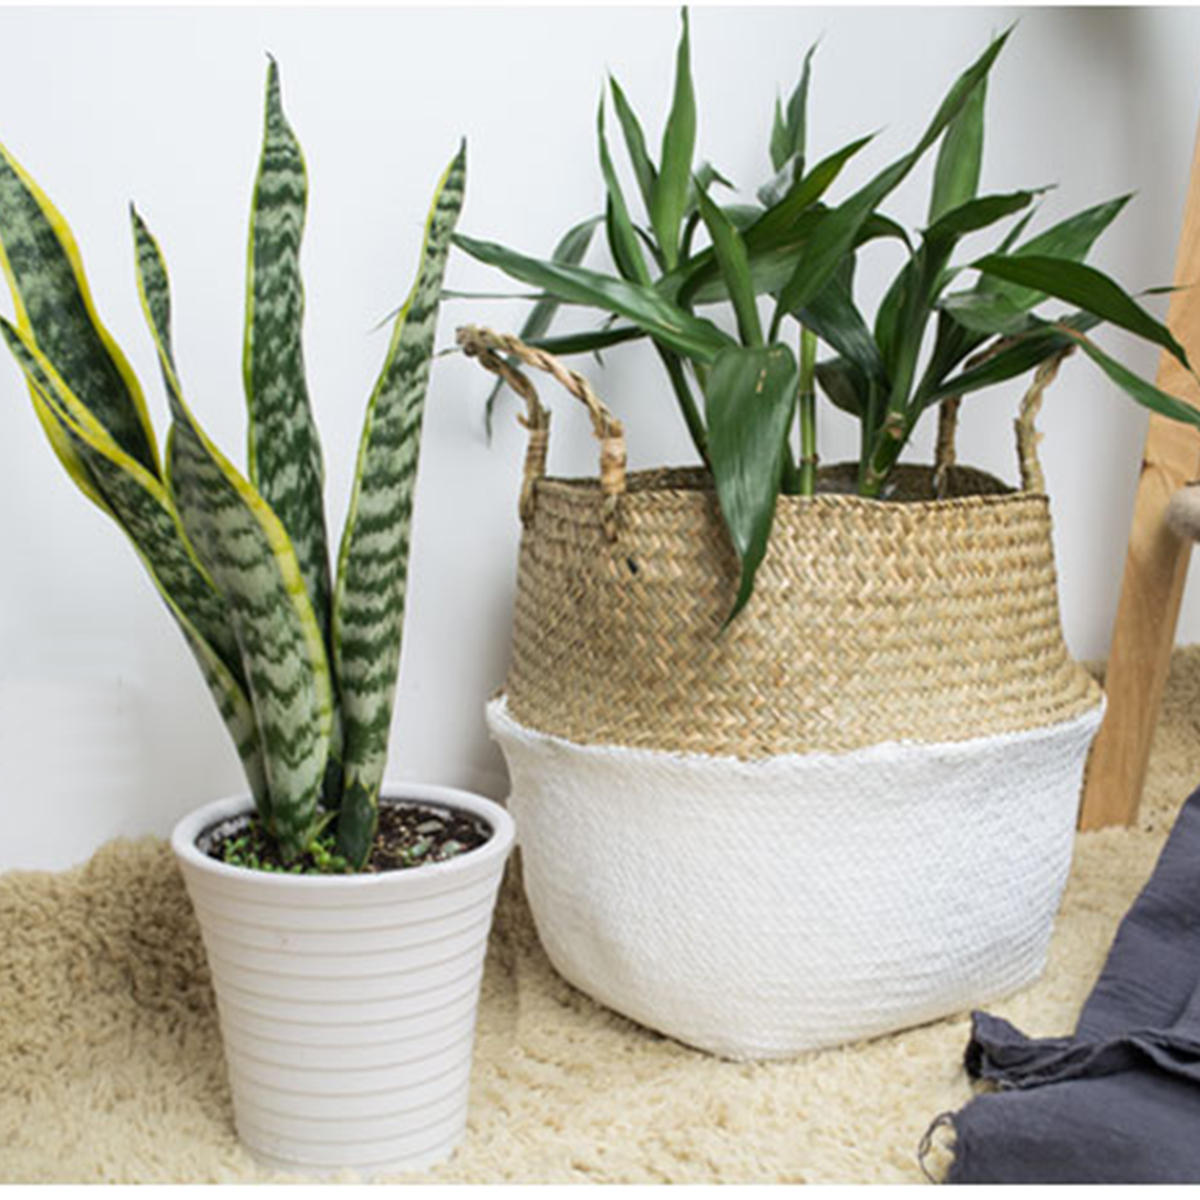 Retro Flower Stand Chic Indoor Garden Metal Plant Holder Display Planter Vase - 5